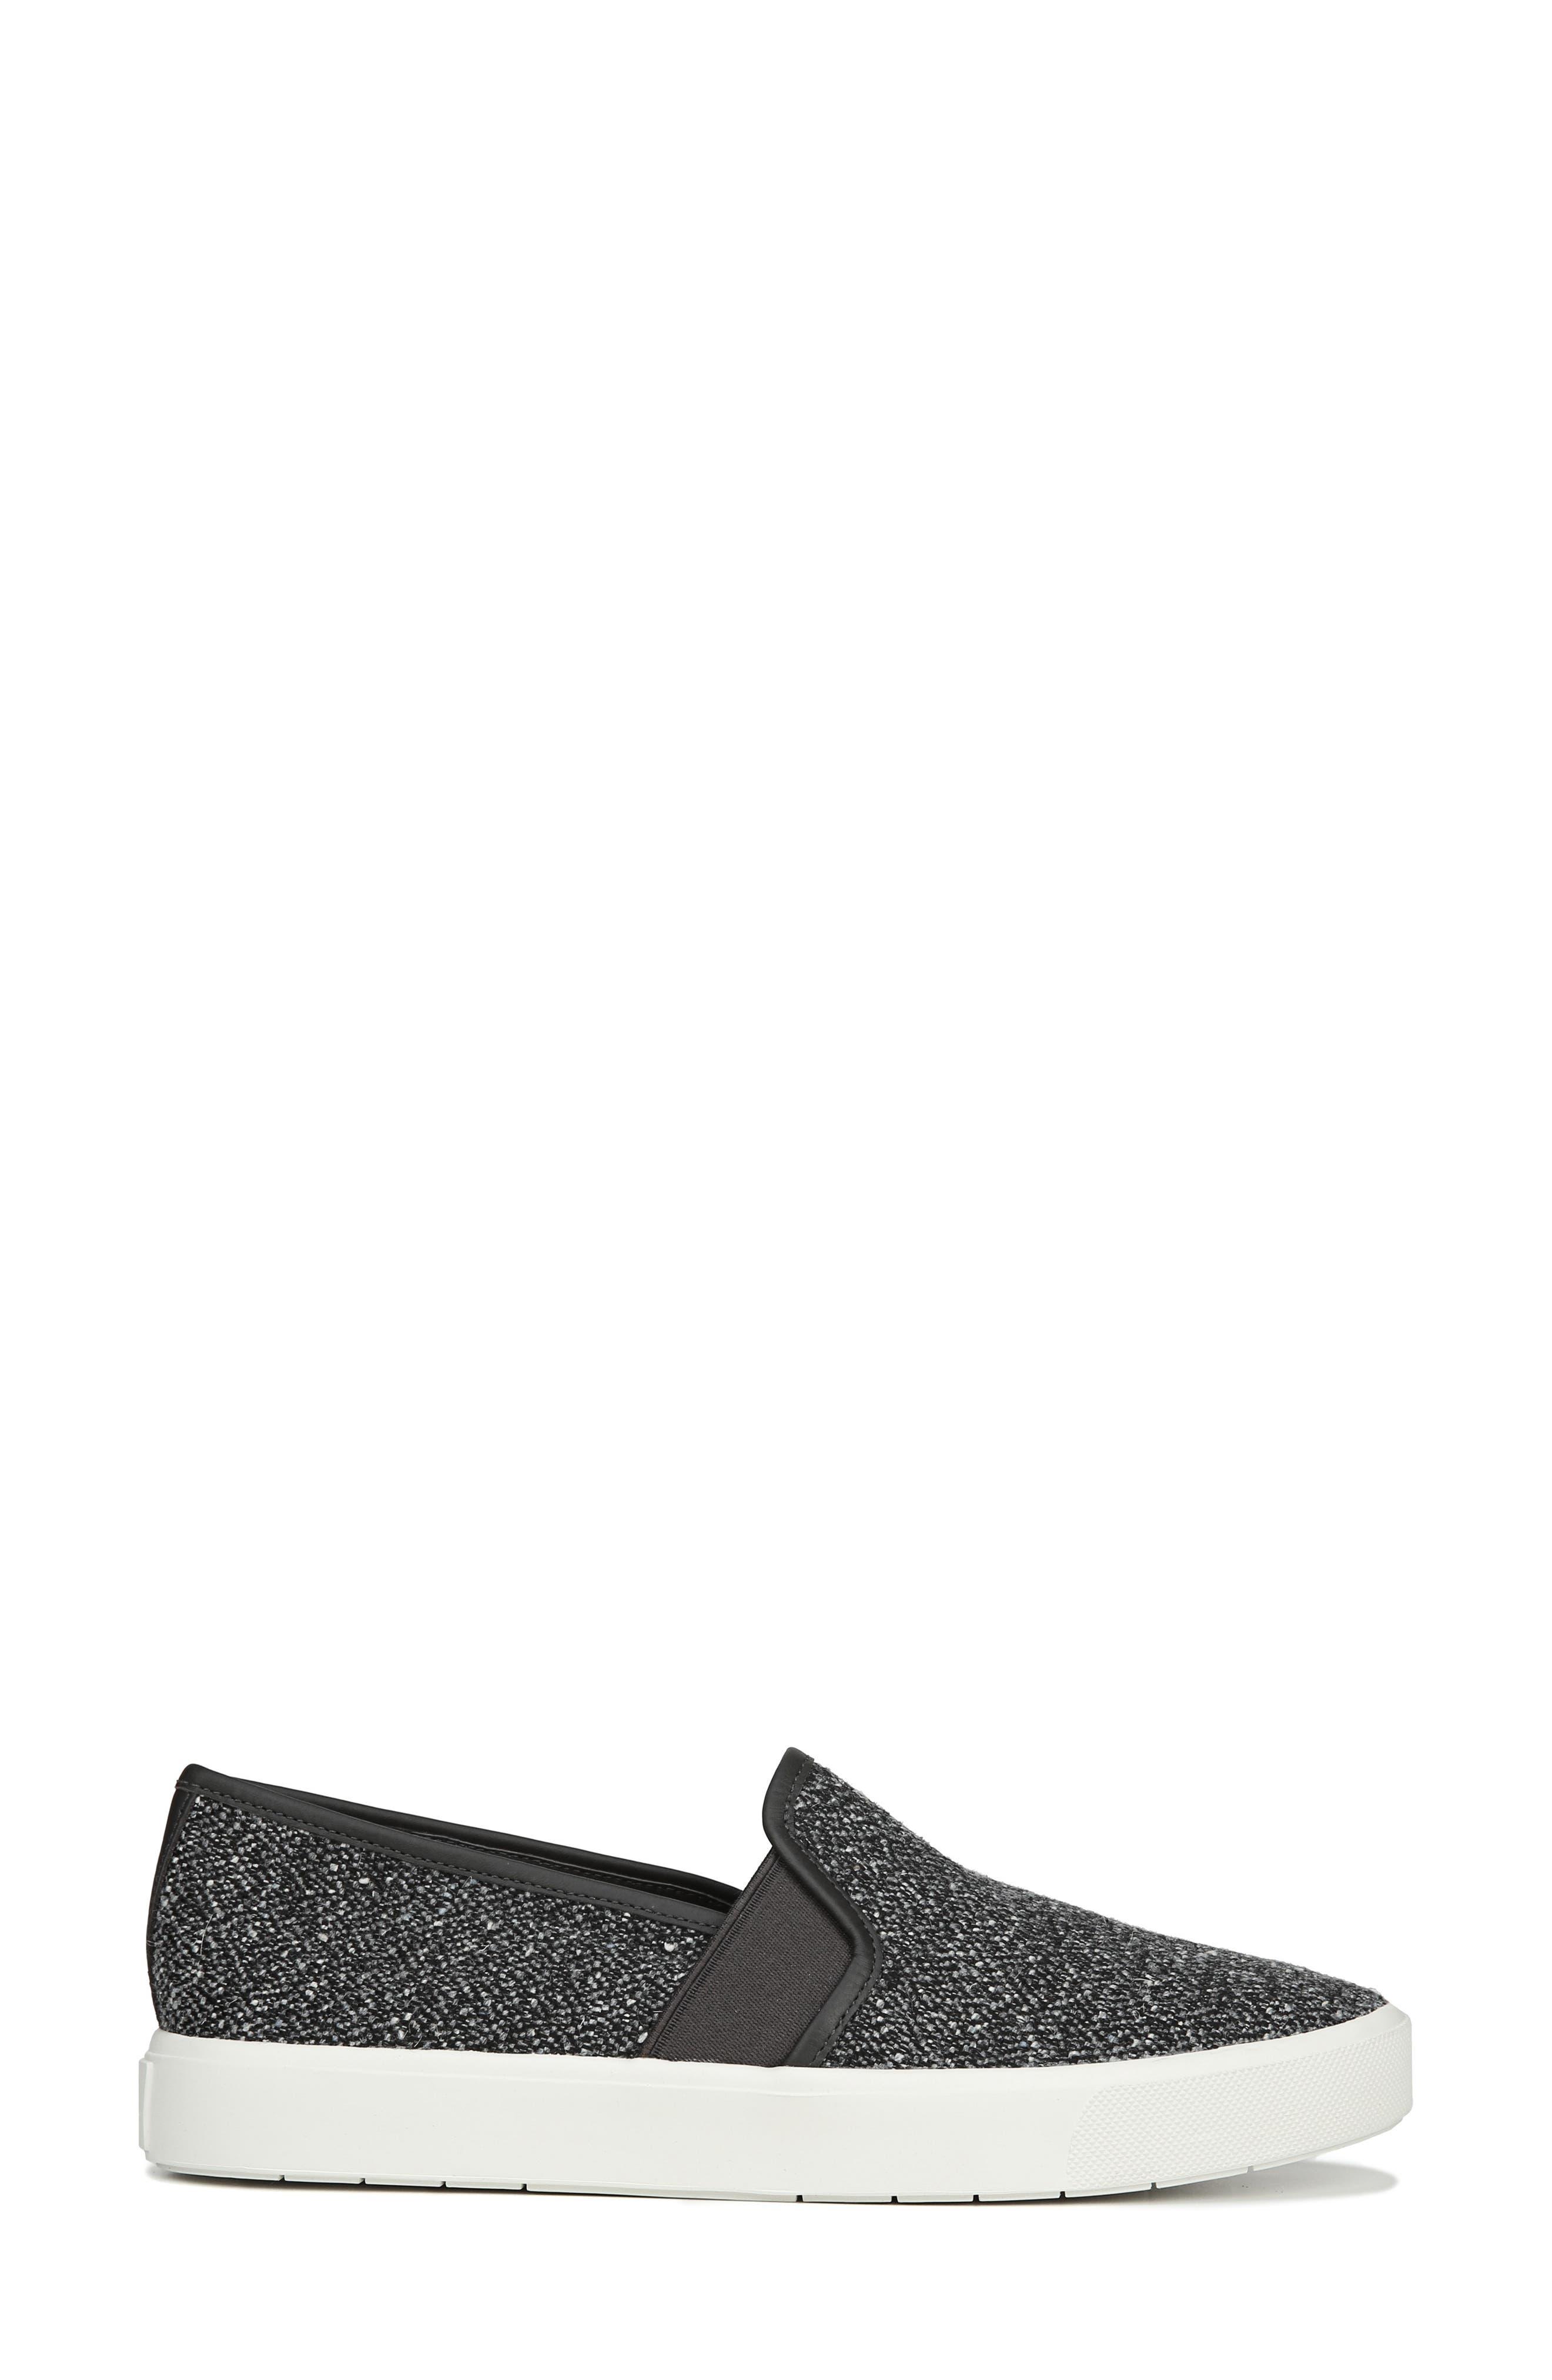 Blair 5 Slip-On Sneaker,                             Alternate thumbnail 3, color,                             GREY